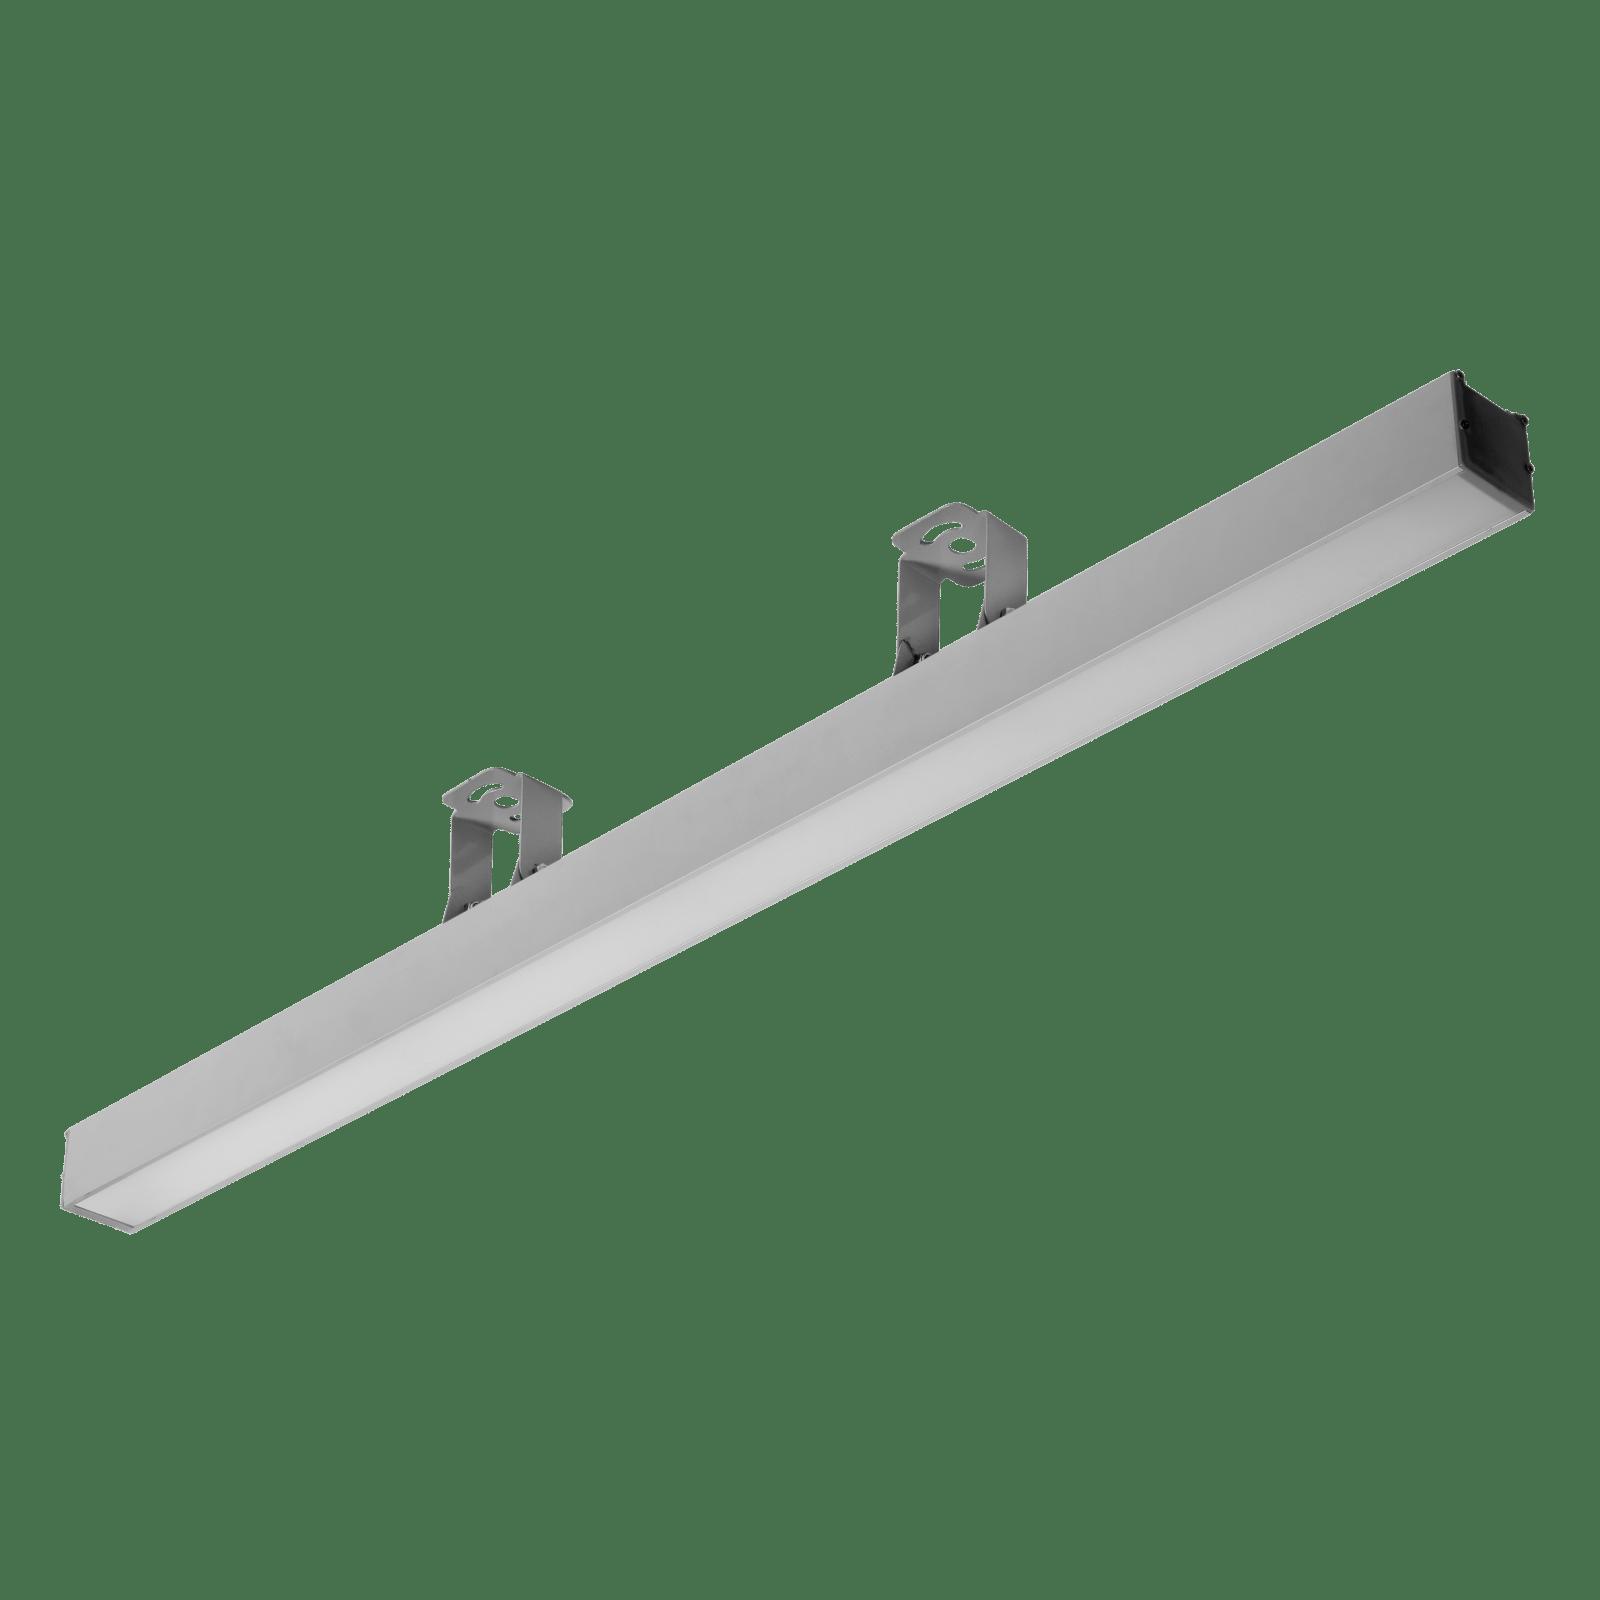 Светодиодный светильник PLO 05-012-5-36 Вт